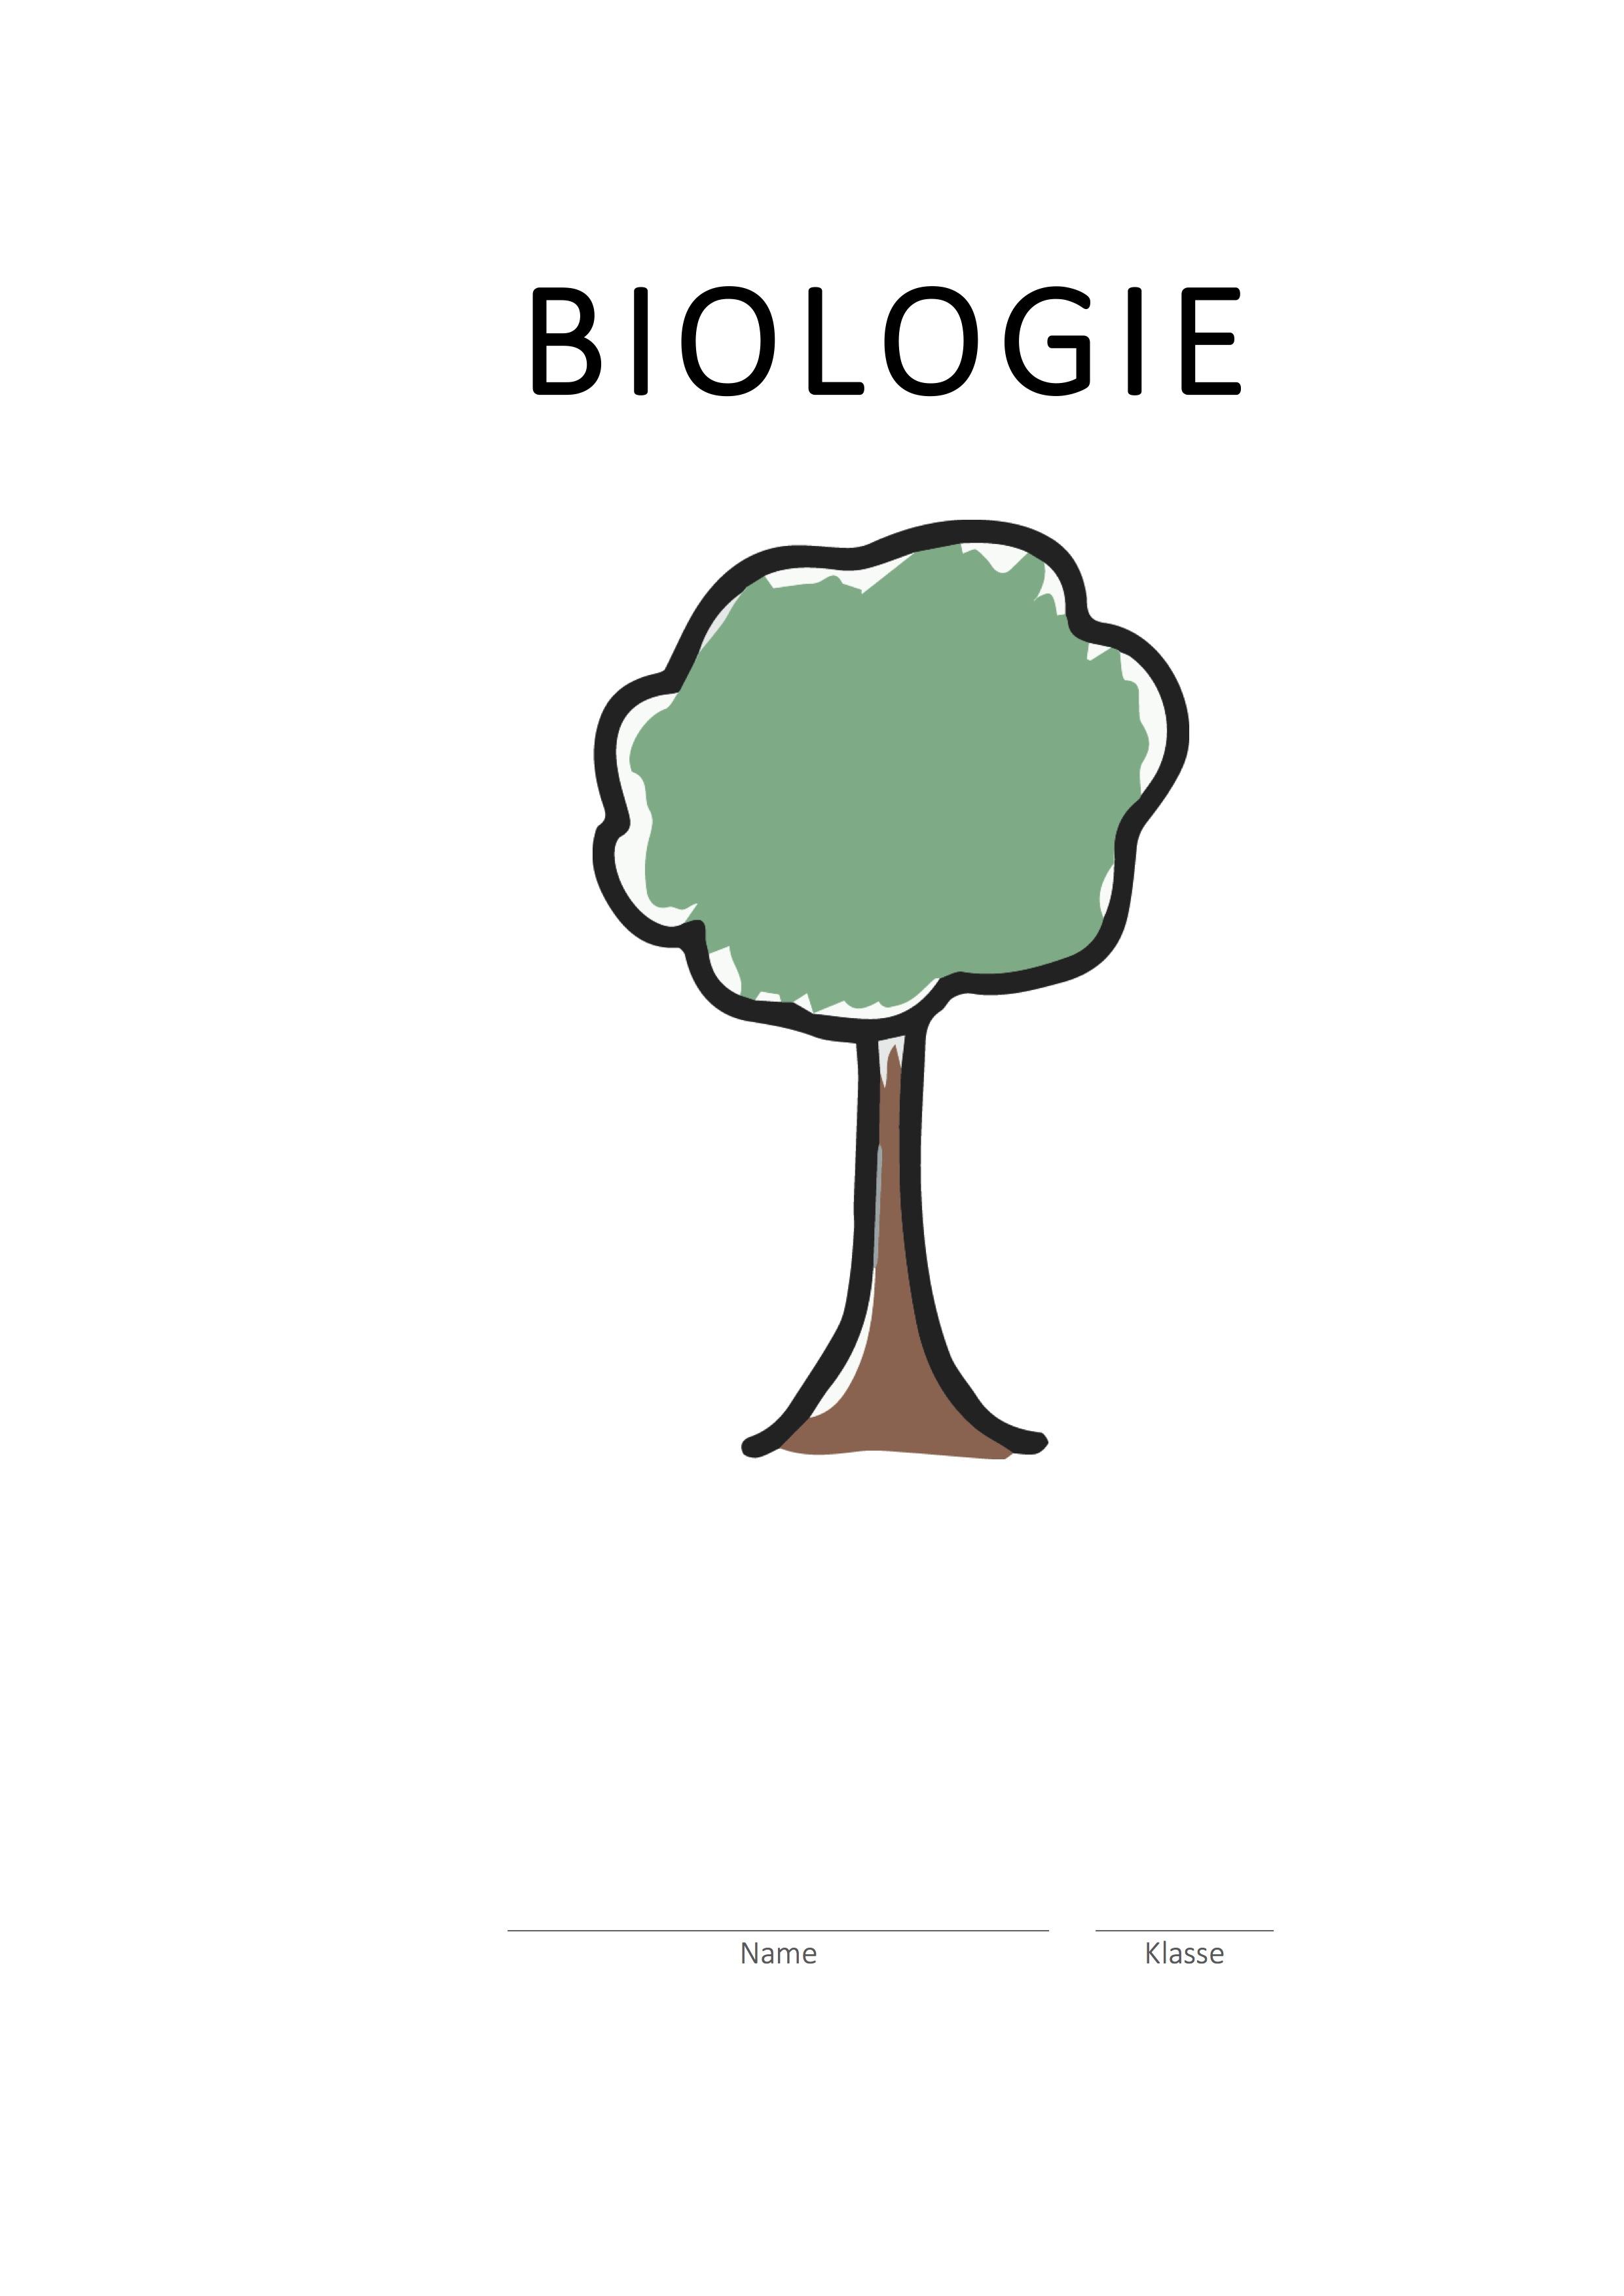 Deckblatt Für Biologie | marlpoint